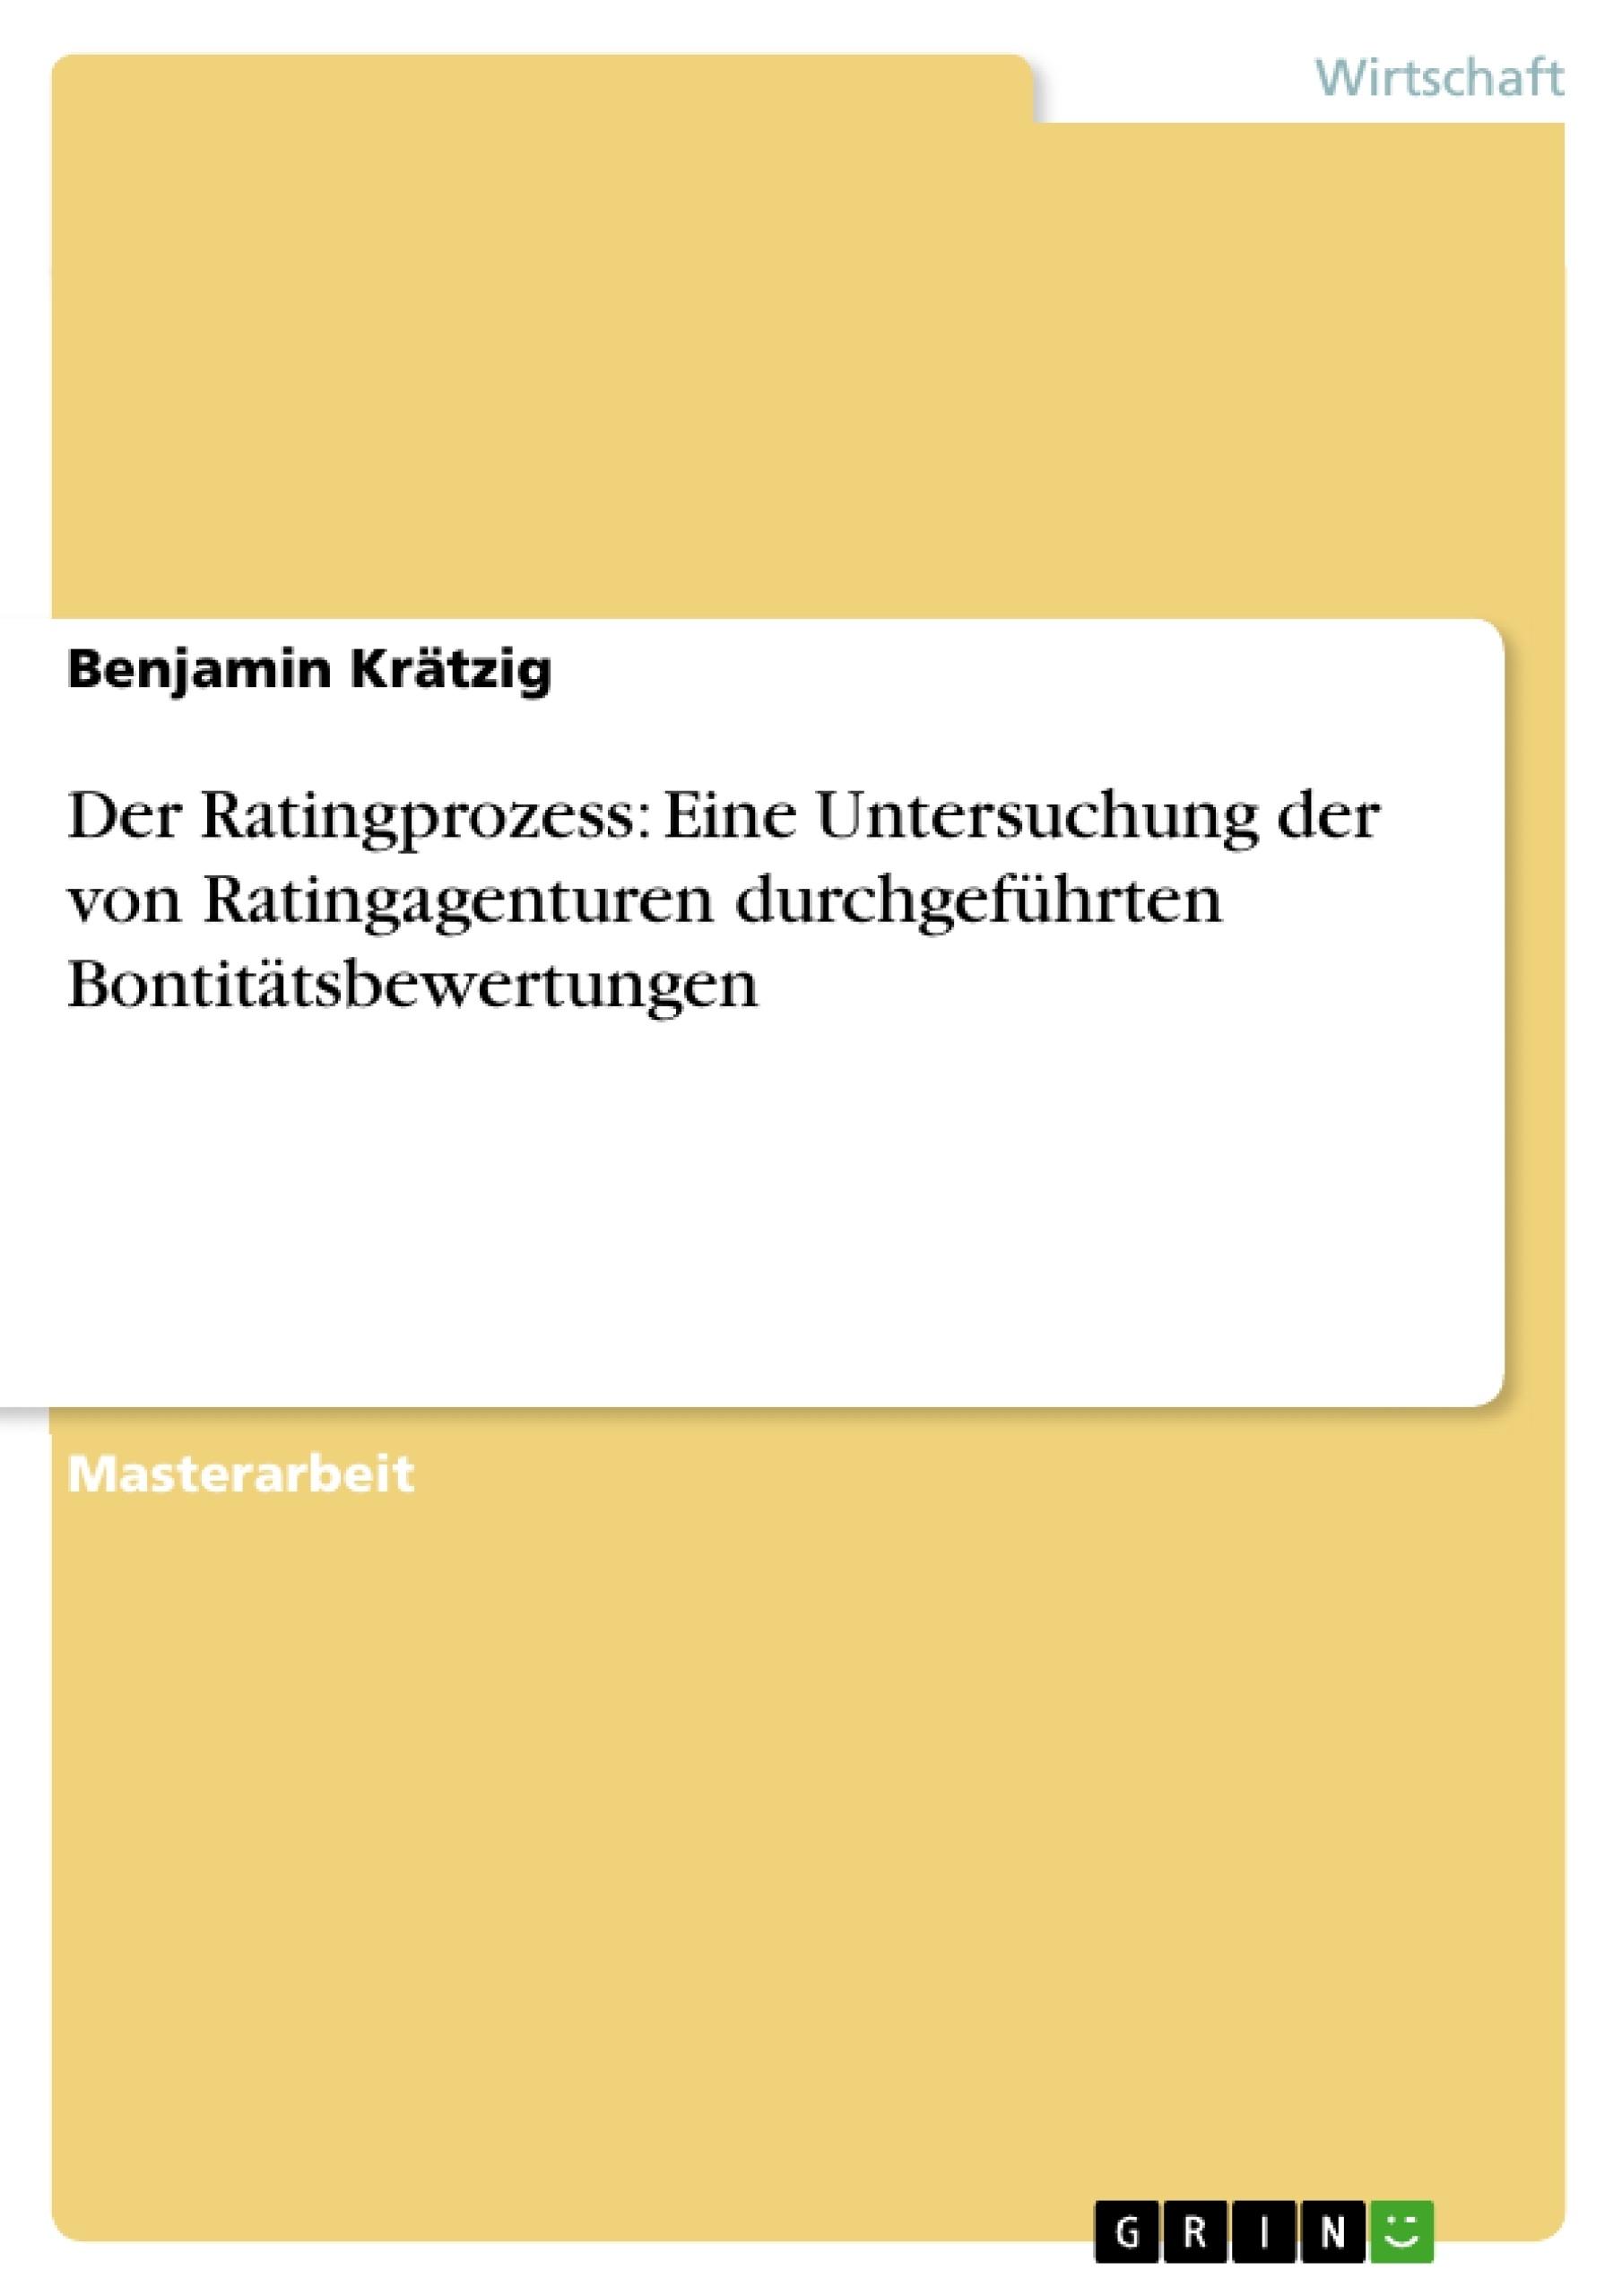 Titel: Der Ratingprozess: Eine Untersuchung der von Ratingagenturen durchgeführten Bontitätsbewertungen